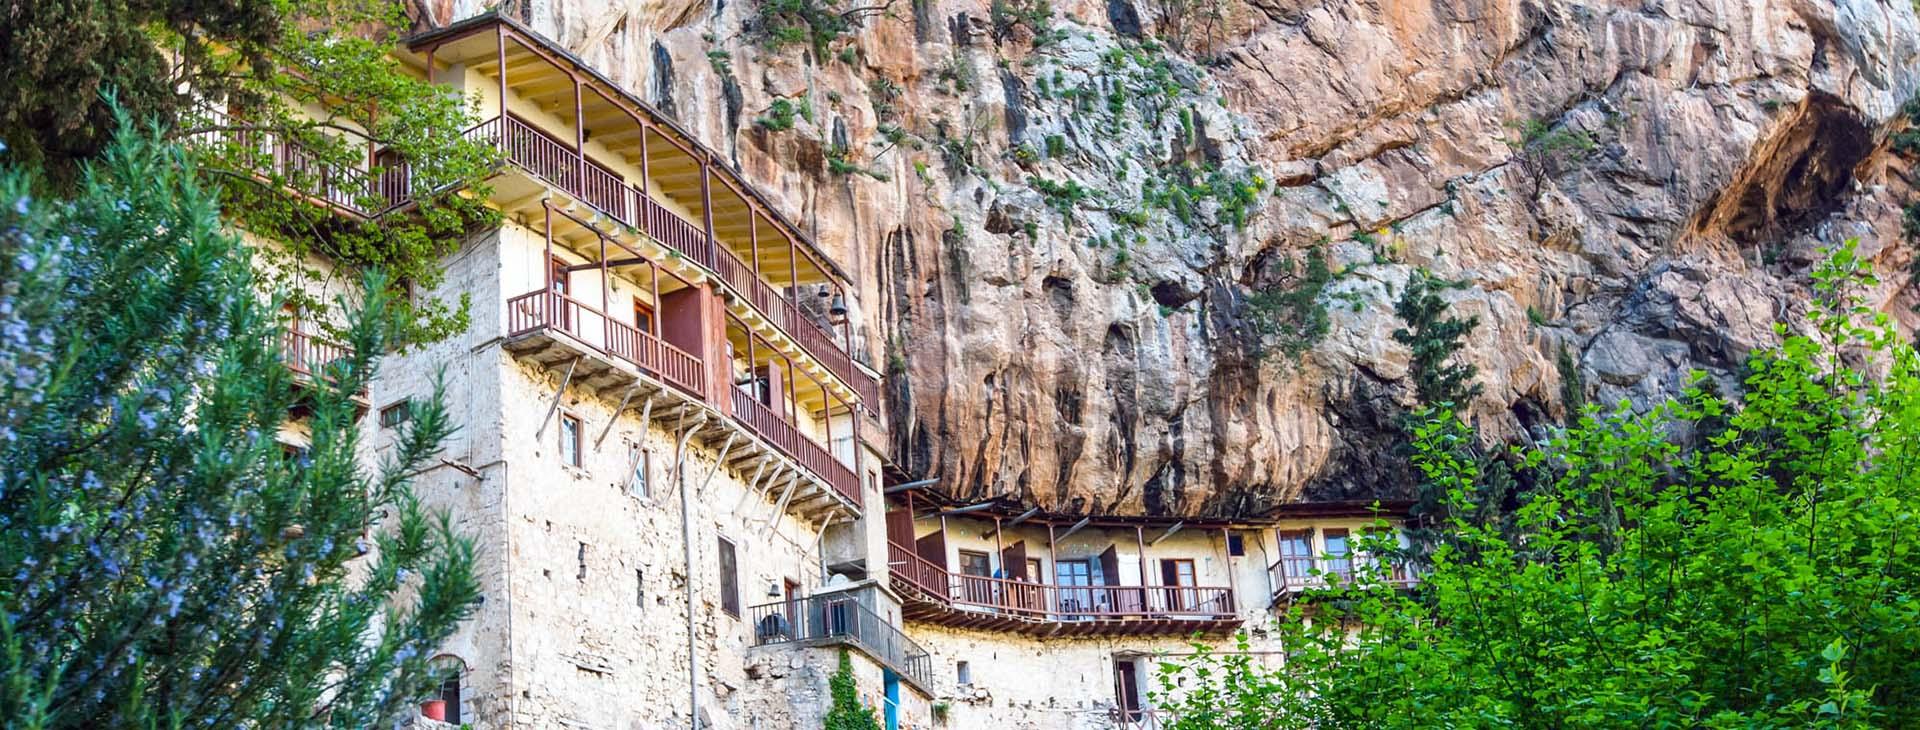 Agiou Ioanni Prodromou Monastery, Arcadia